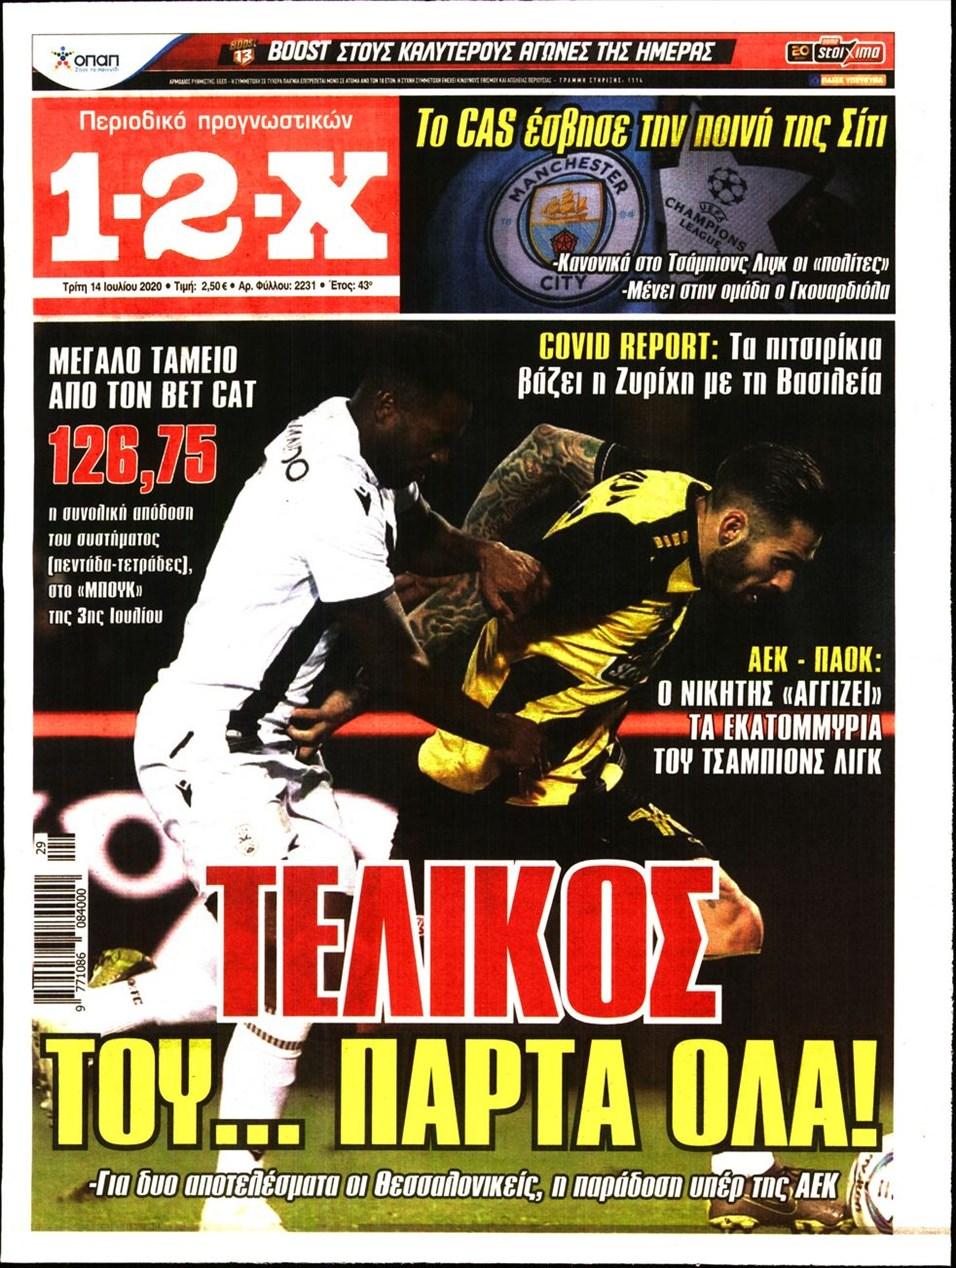 Πρωτοσέλιδο εφημερίδας 12x